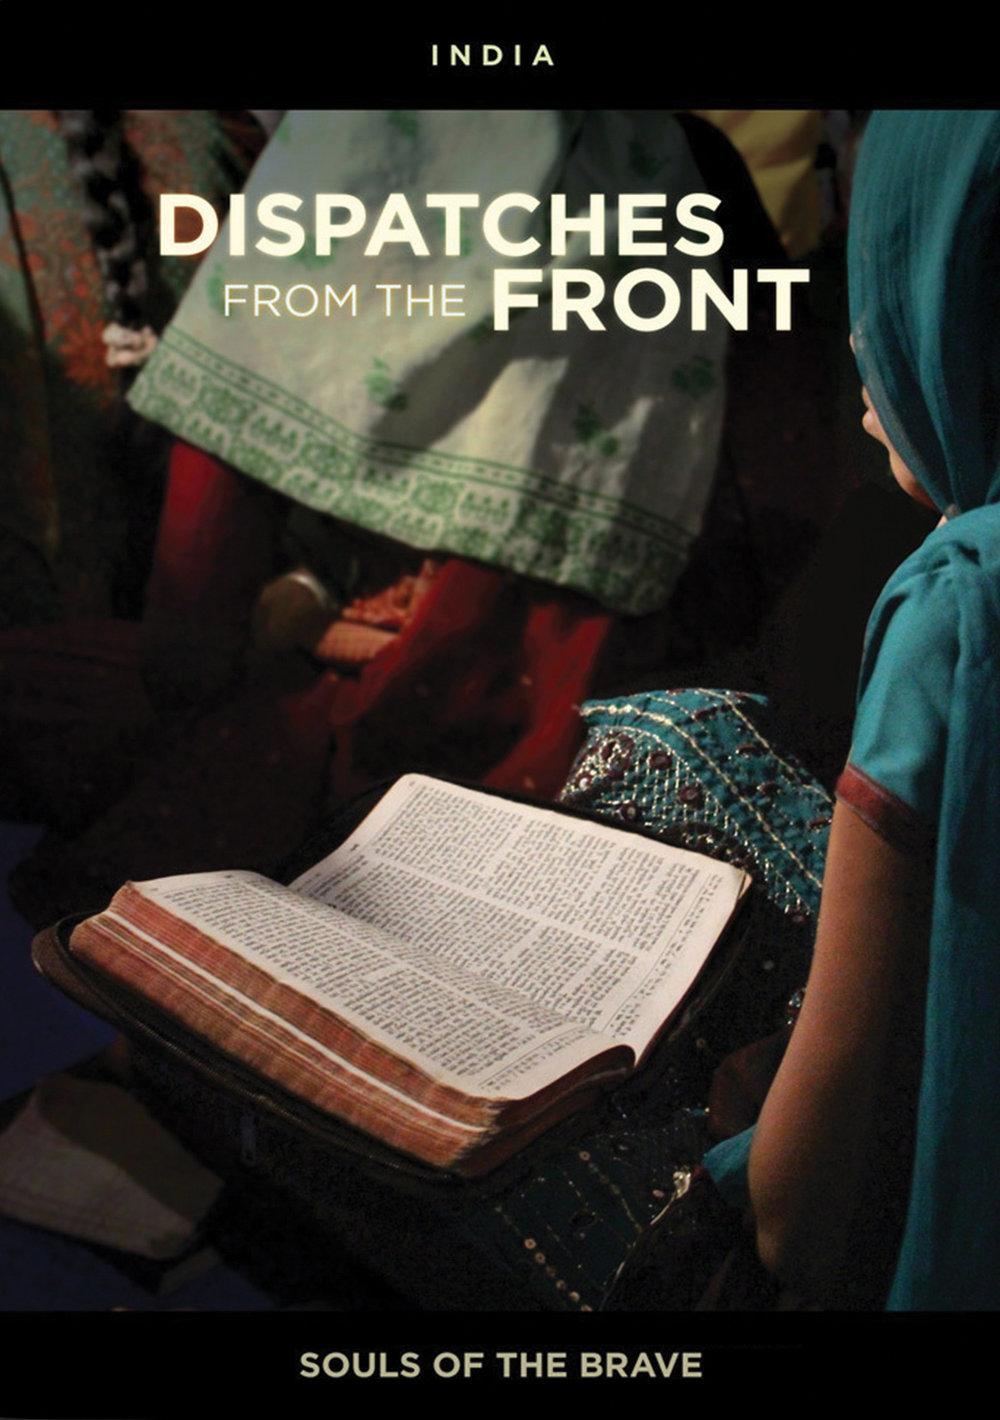 Dispatches_Episode-4-DVD.jpg